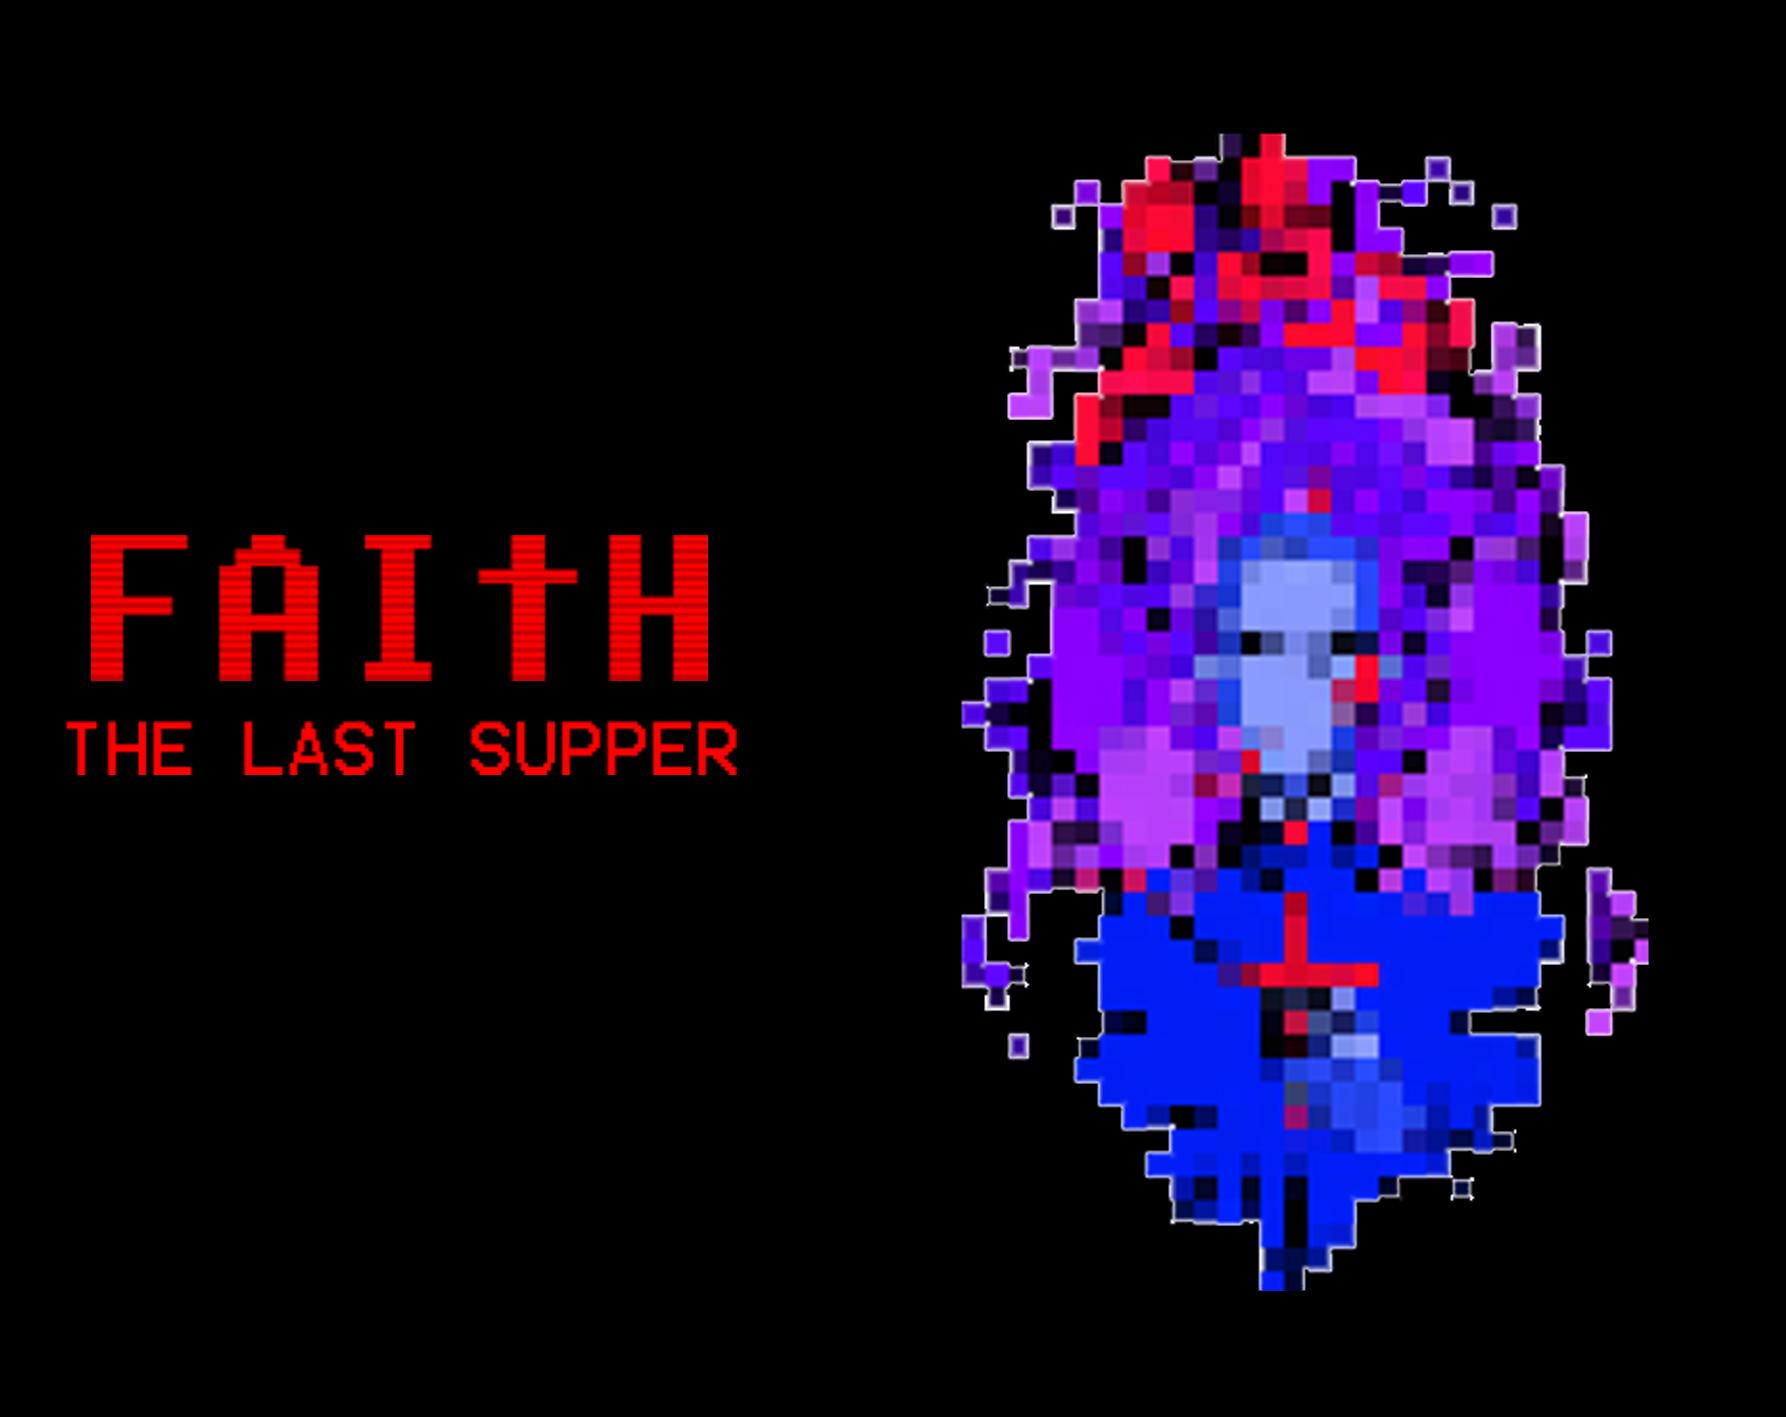 FAITH: The Last Supper